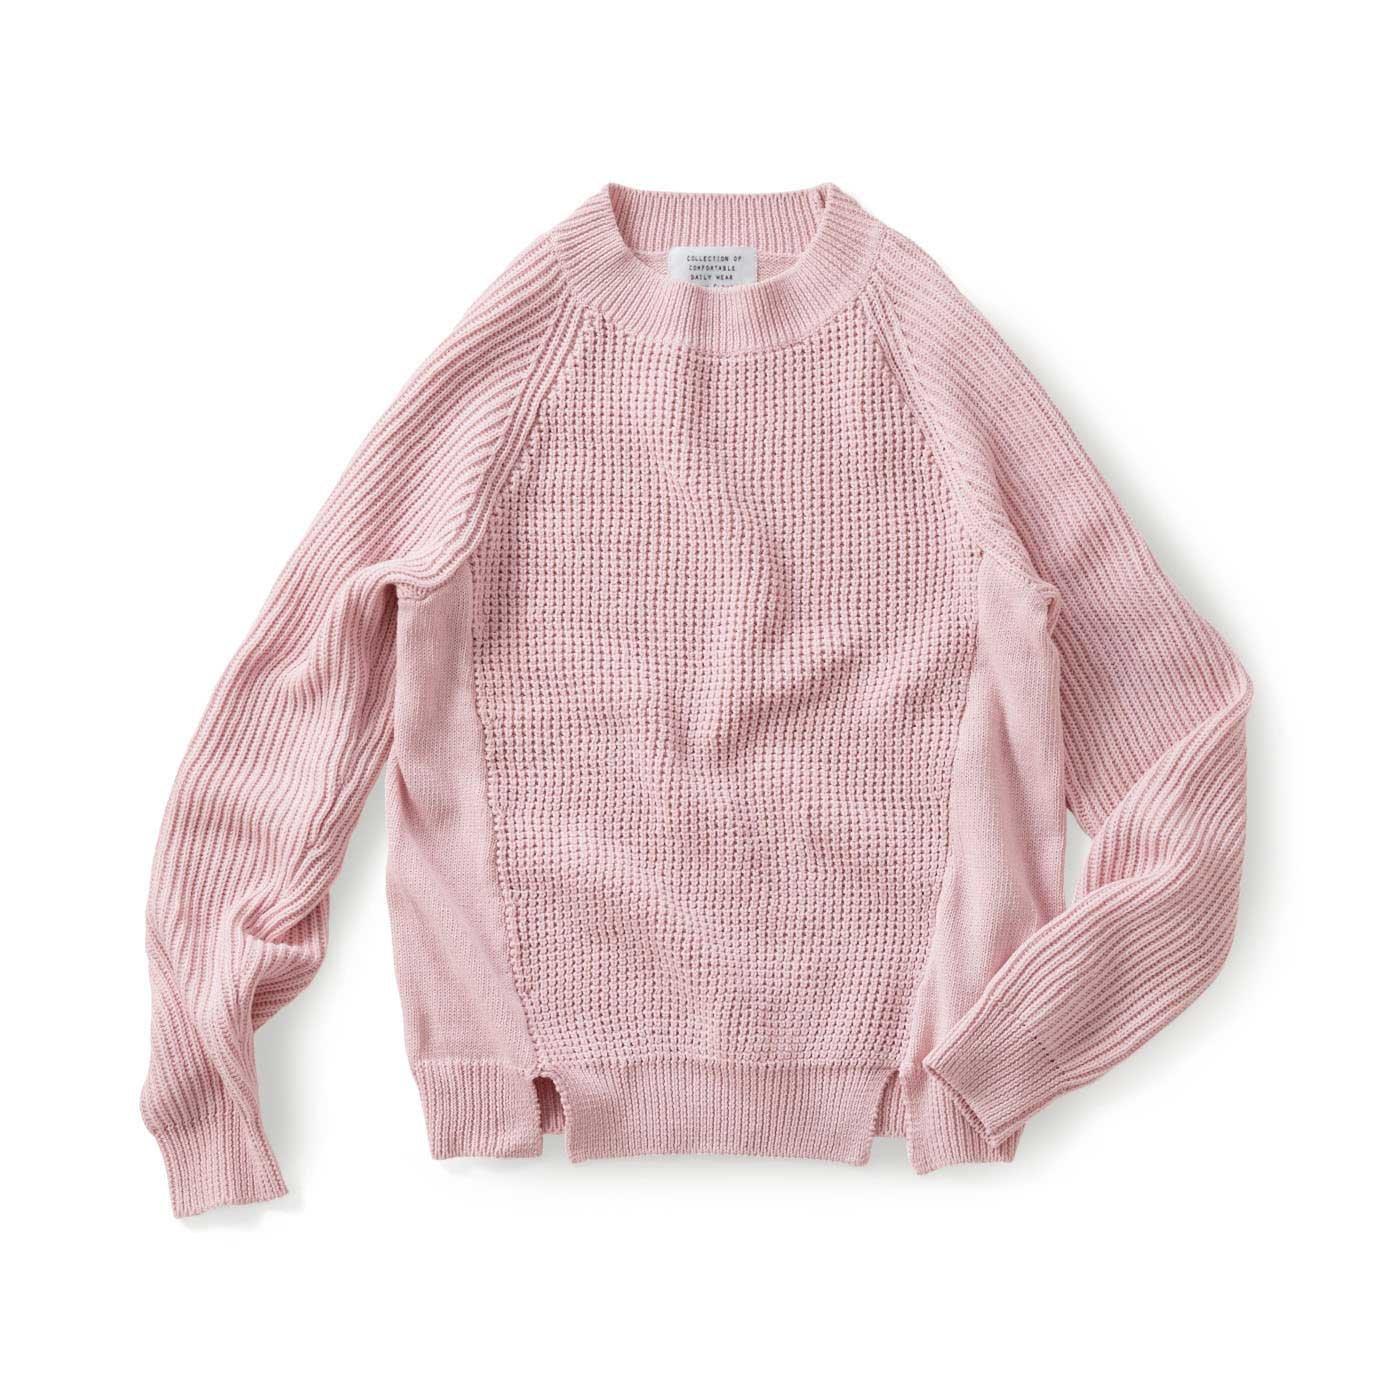 サニークラウズ 四種の編み地セーター〈レディース〉ピンク